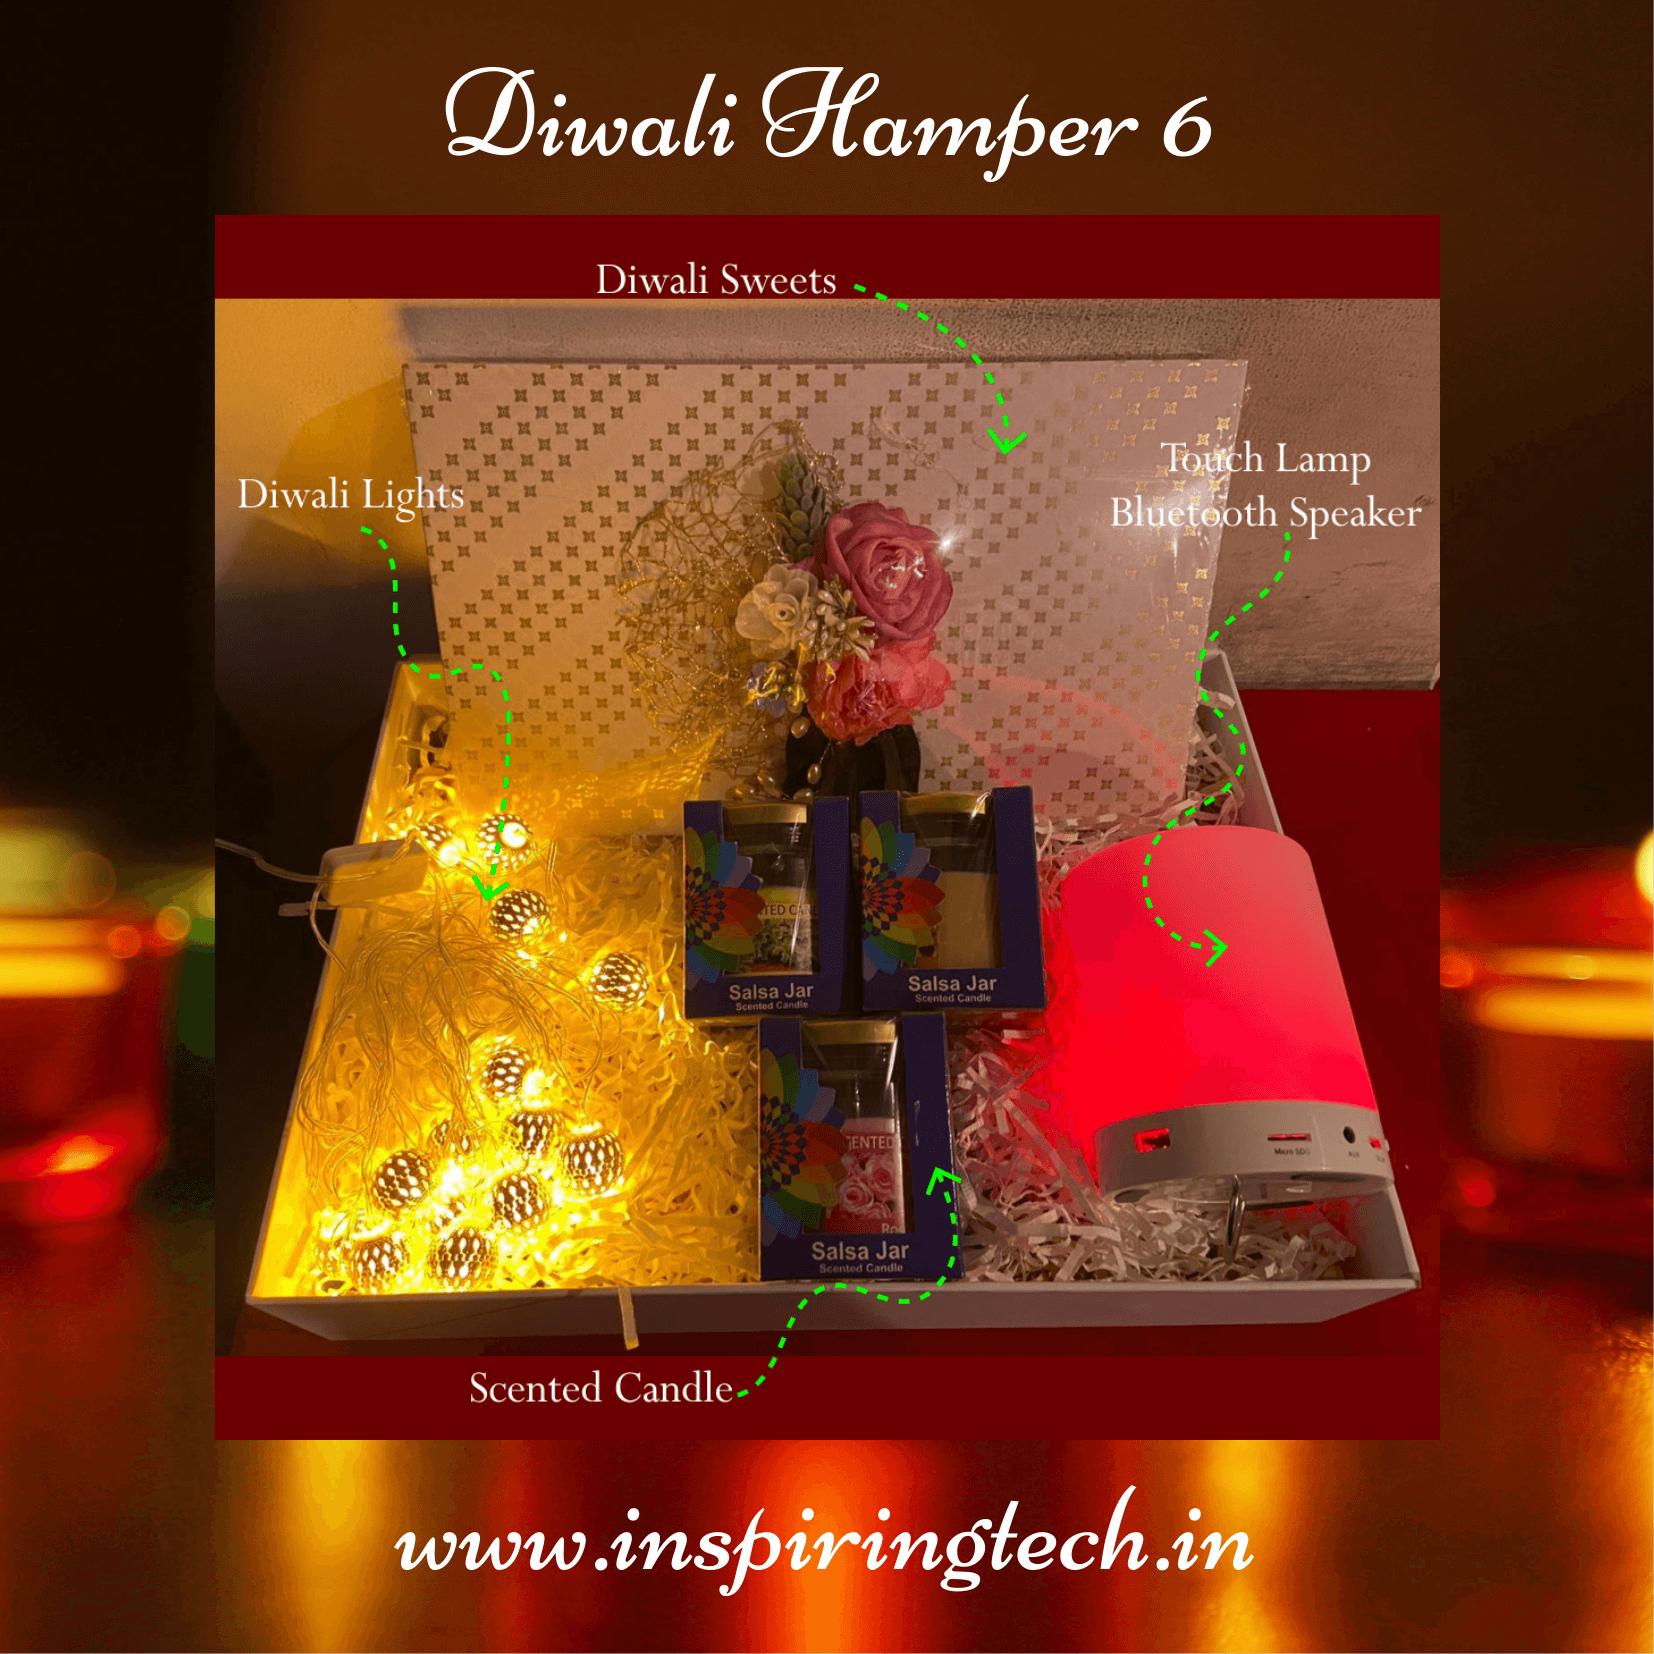 Diwali-Hamper-6